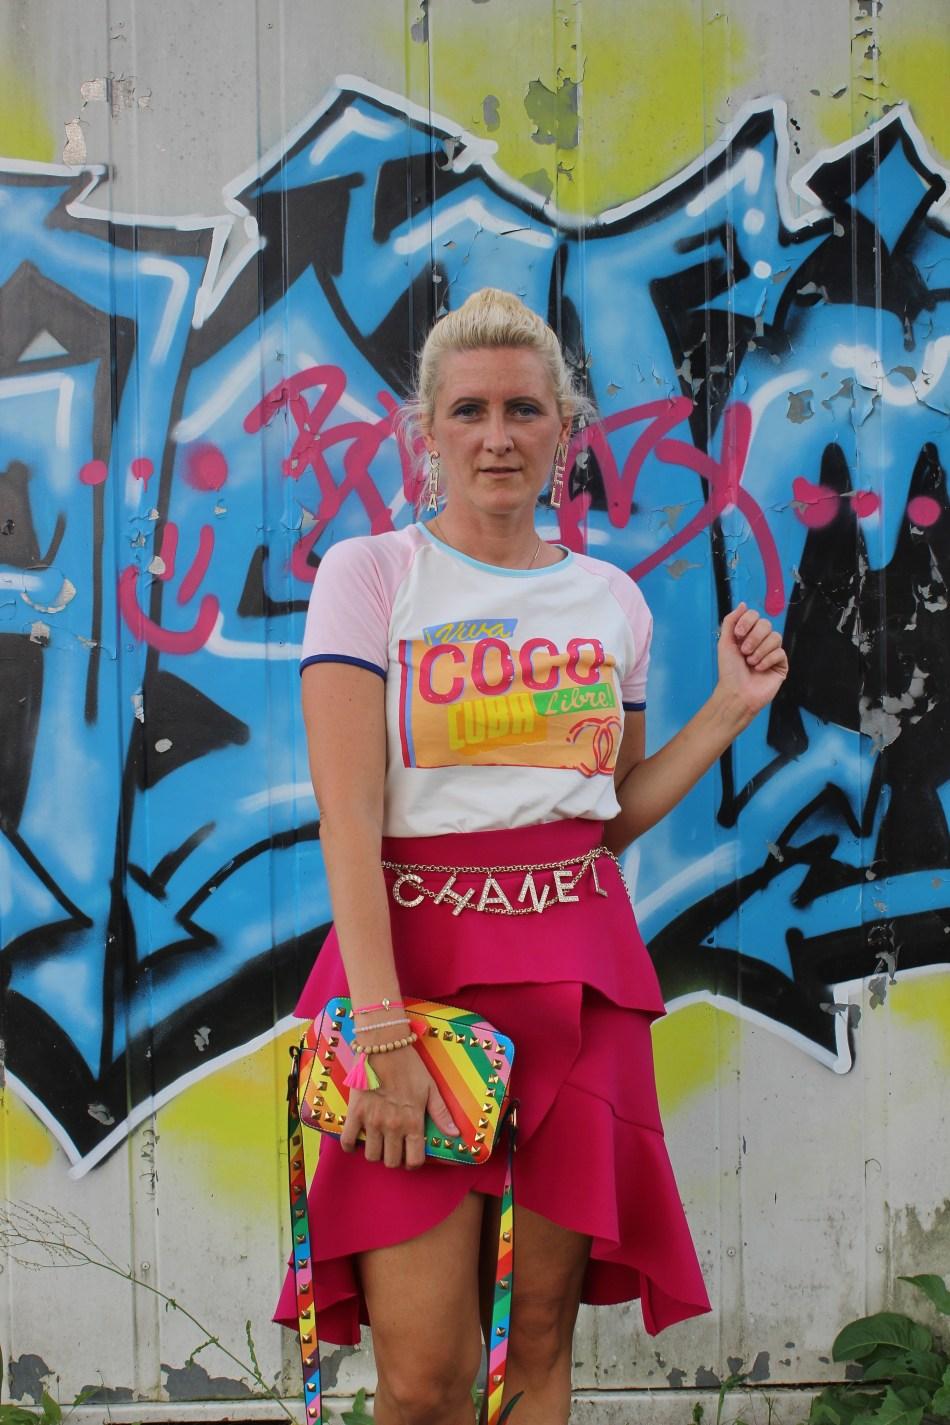 Volants-Skirt-Chanel-Chainbelt-Valentino-Rockstuds-Denim-Jacket-carrieslifestyle-Tamara-Prutsch